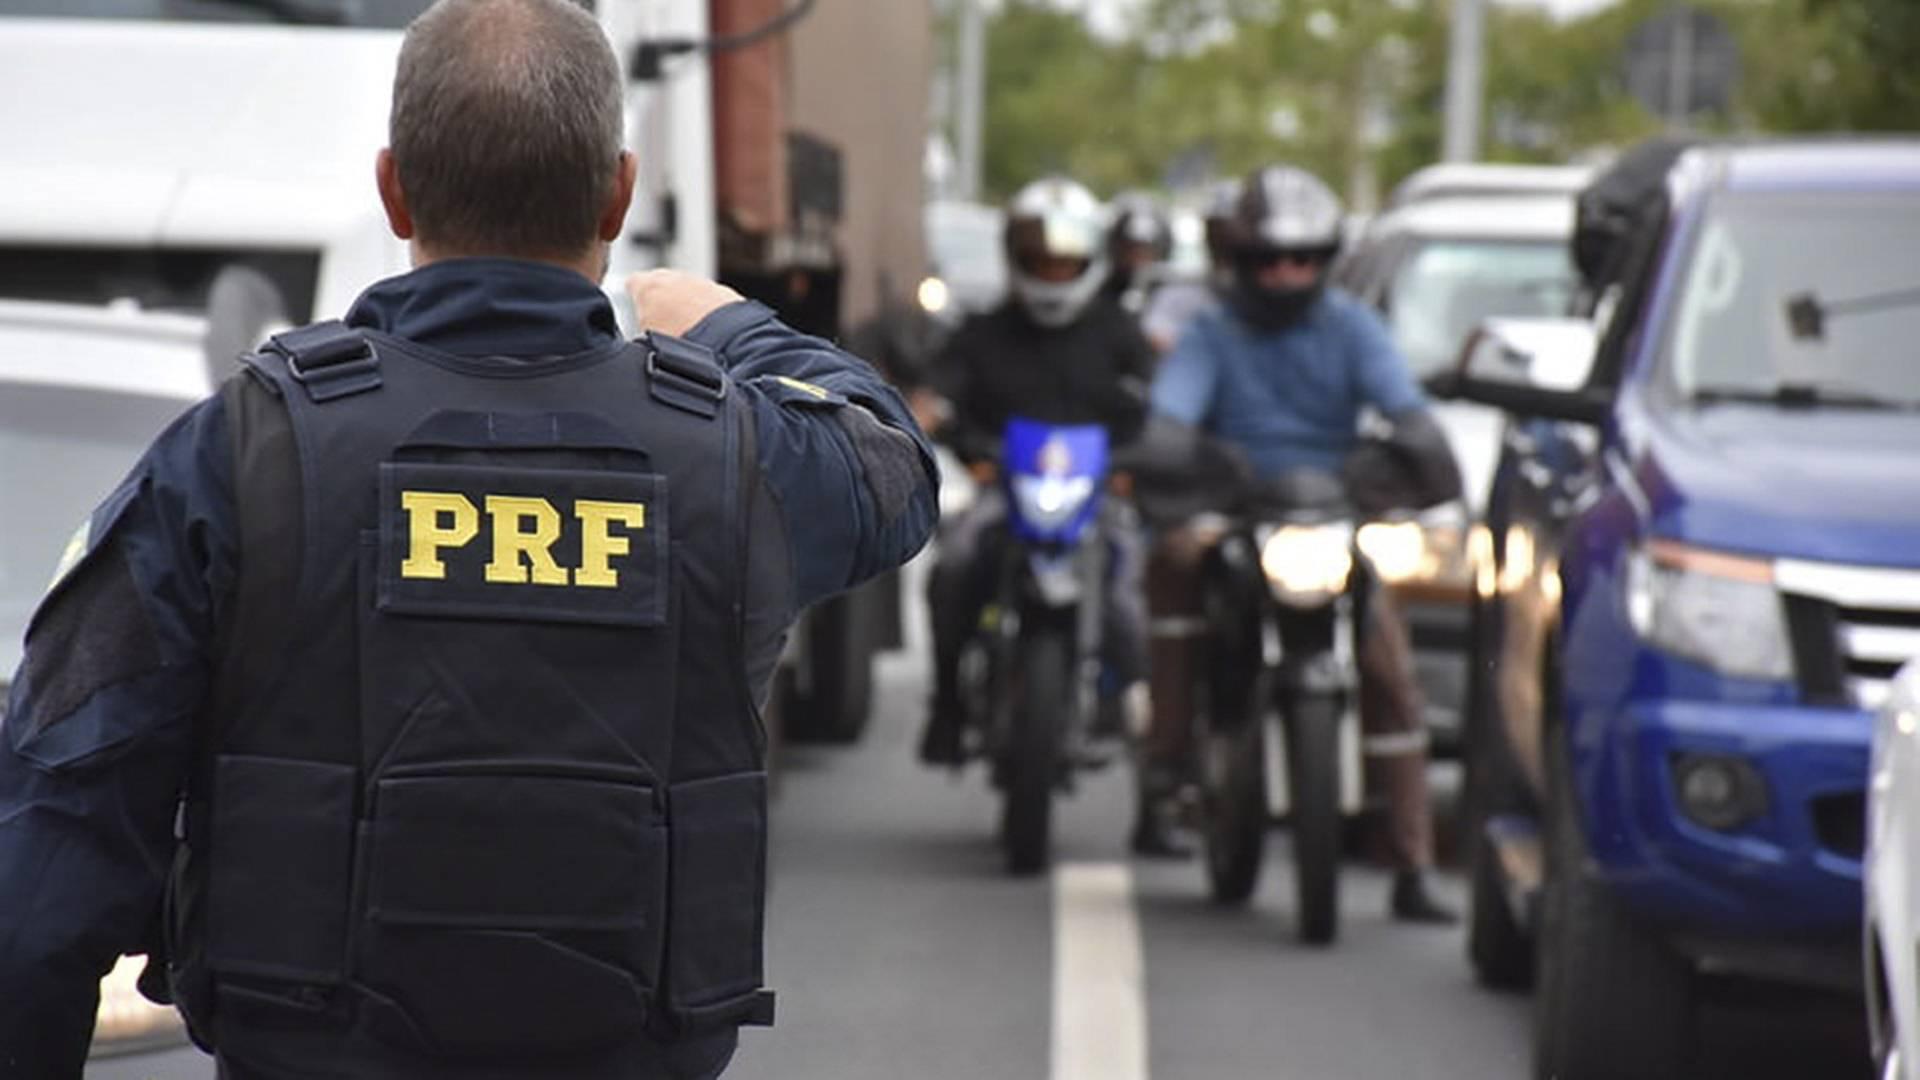 PRF Cascavel registrou 11 acidentes com 13 feridos e um óbito na região oeste